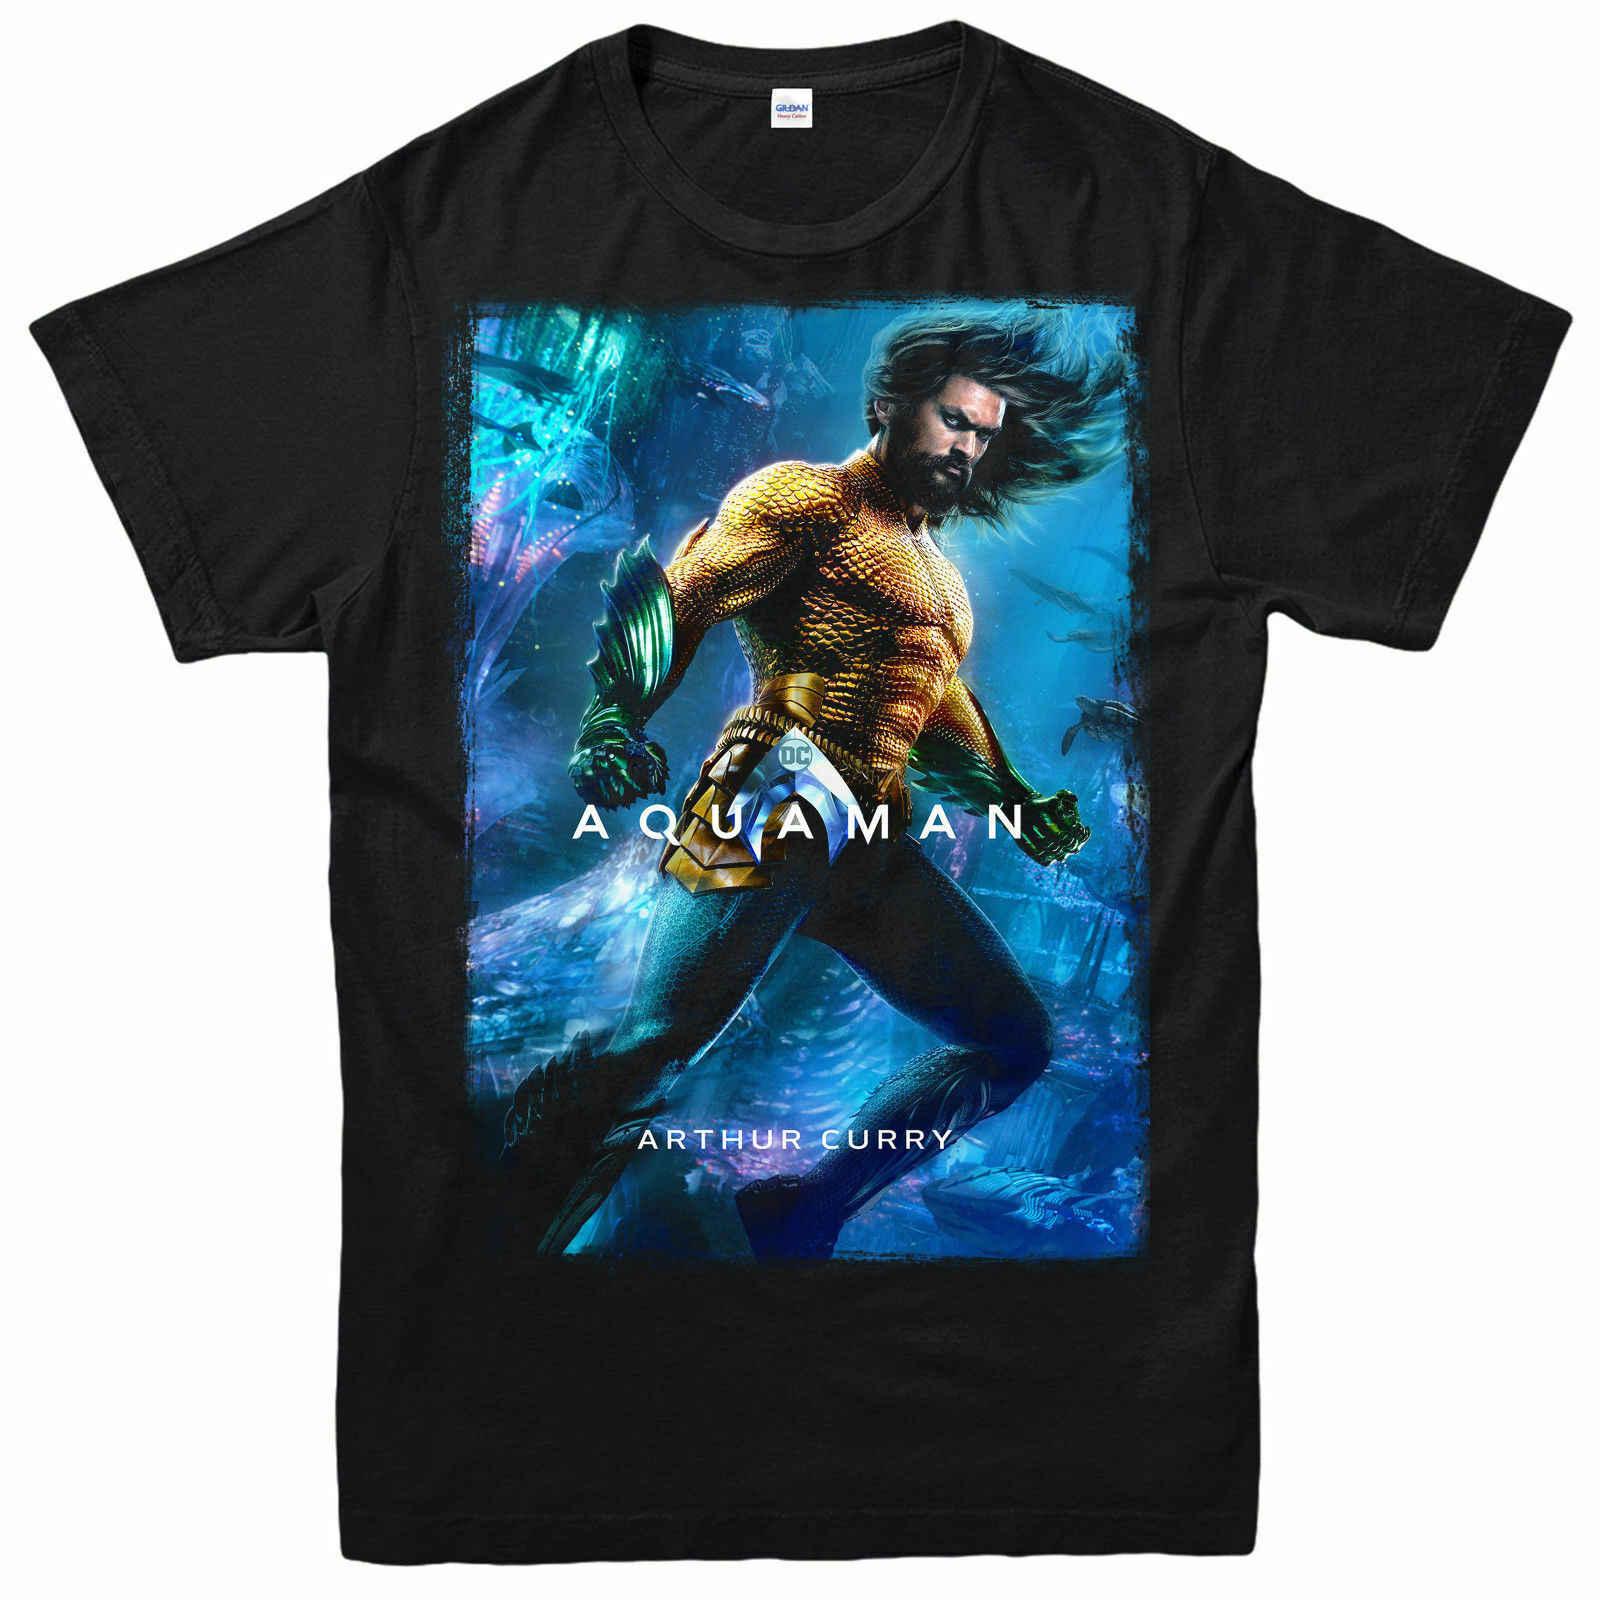 Aquaman T-Shirt Arthur Curry, Cinema, Quadrinhos, Ficção Adulta & Kids Tee Topo